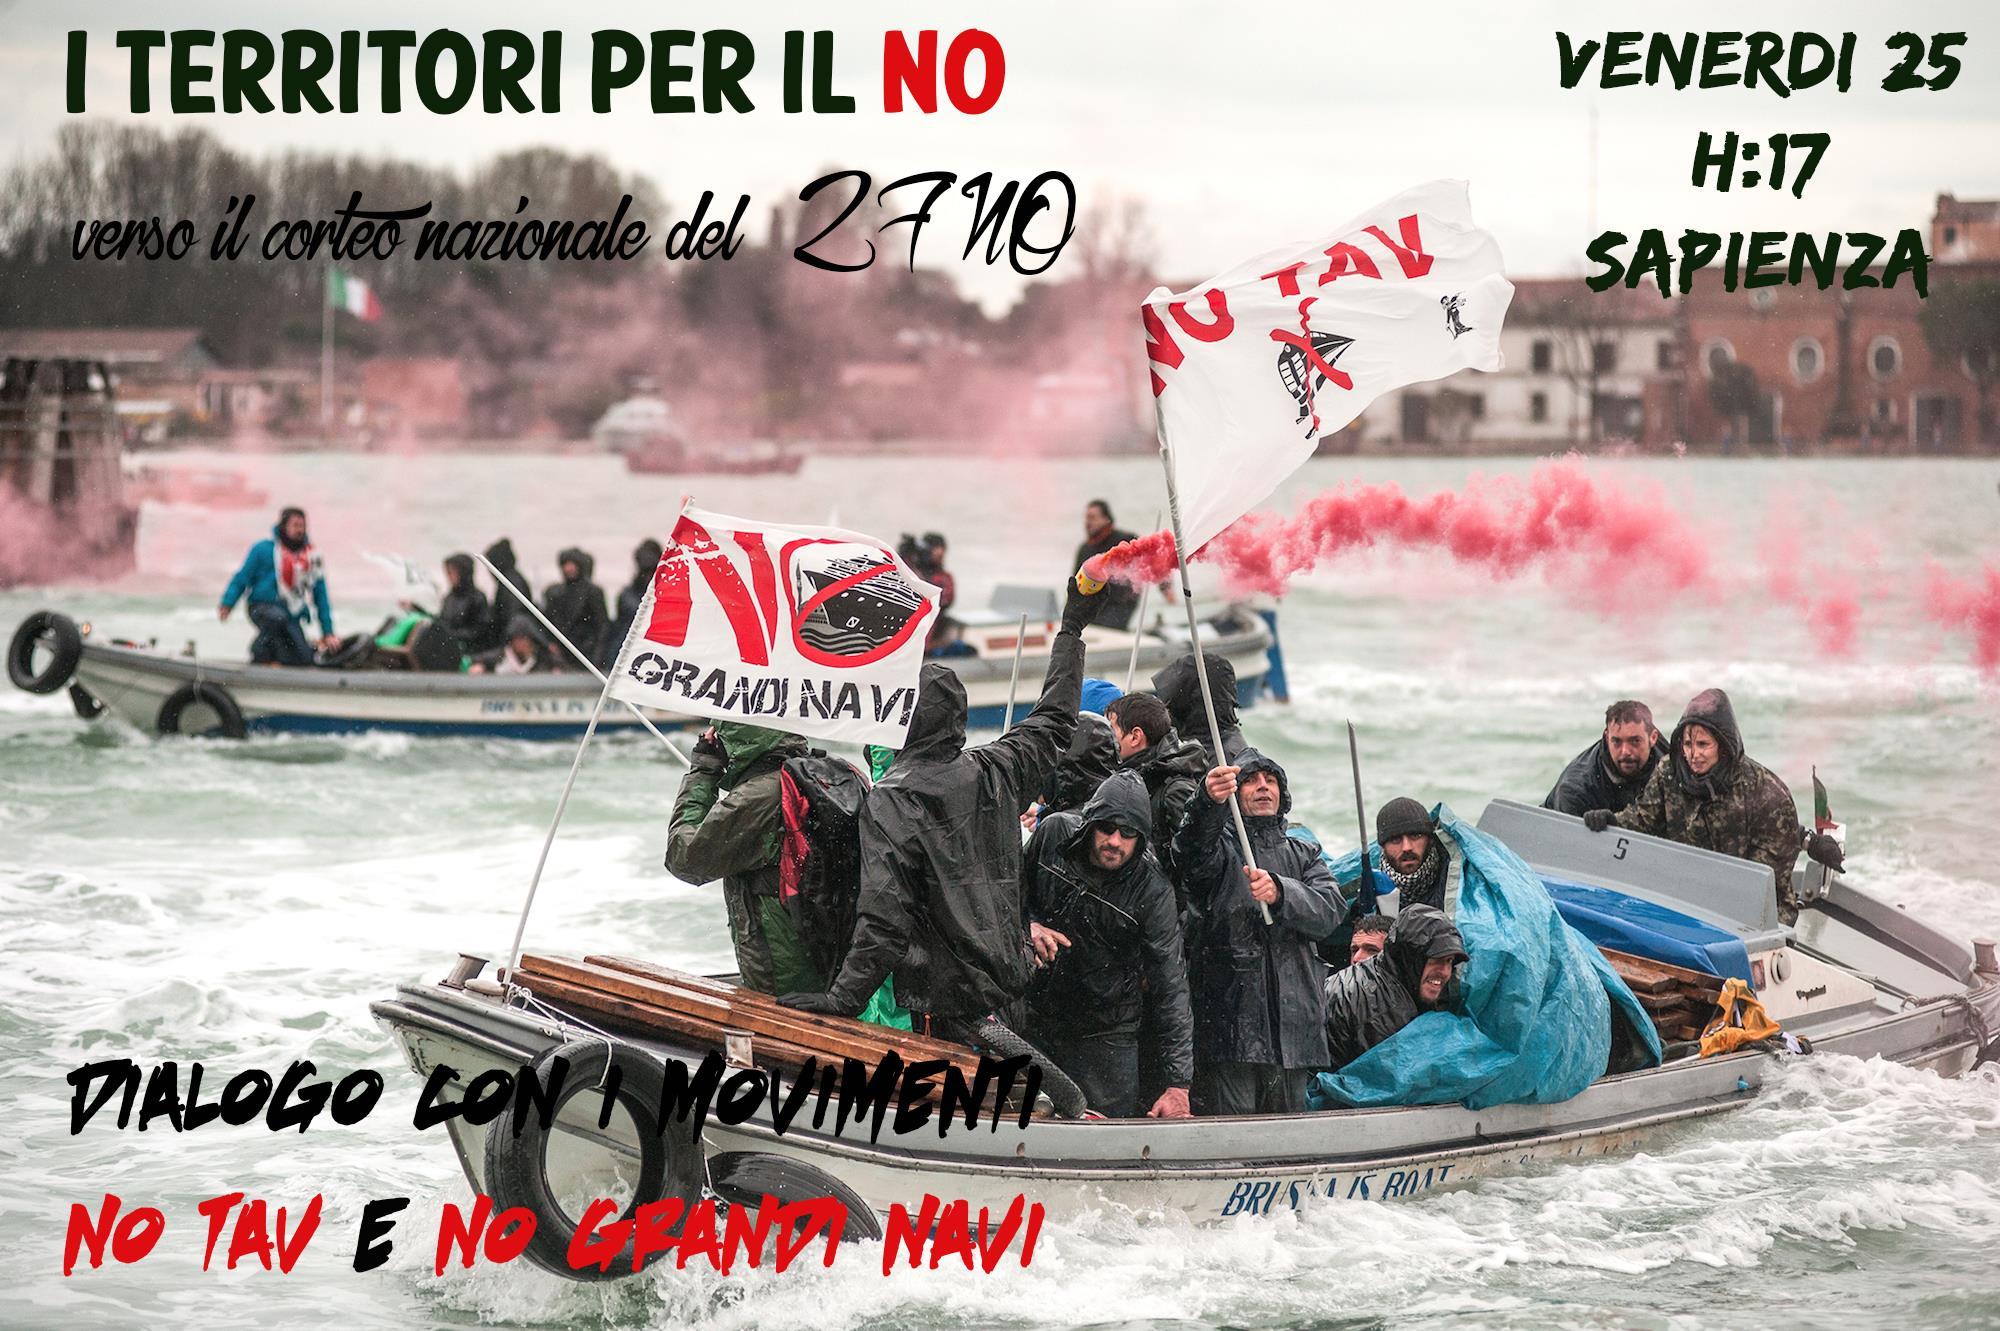 Ven 25/11, i Territori per il No verso il 27NO alla Sapienza